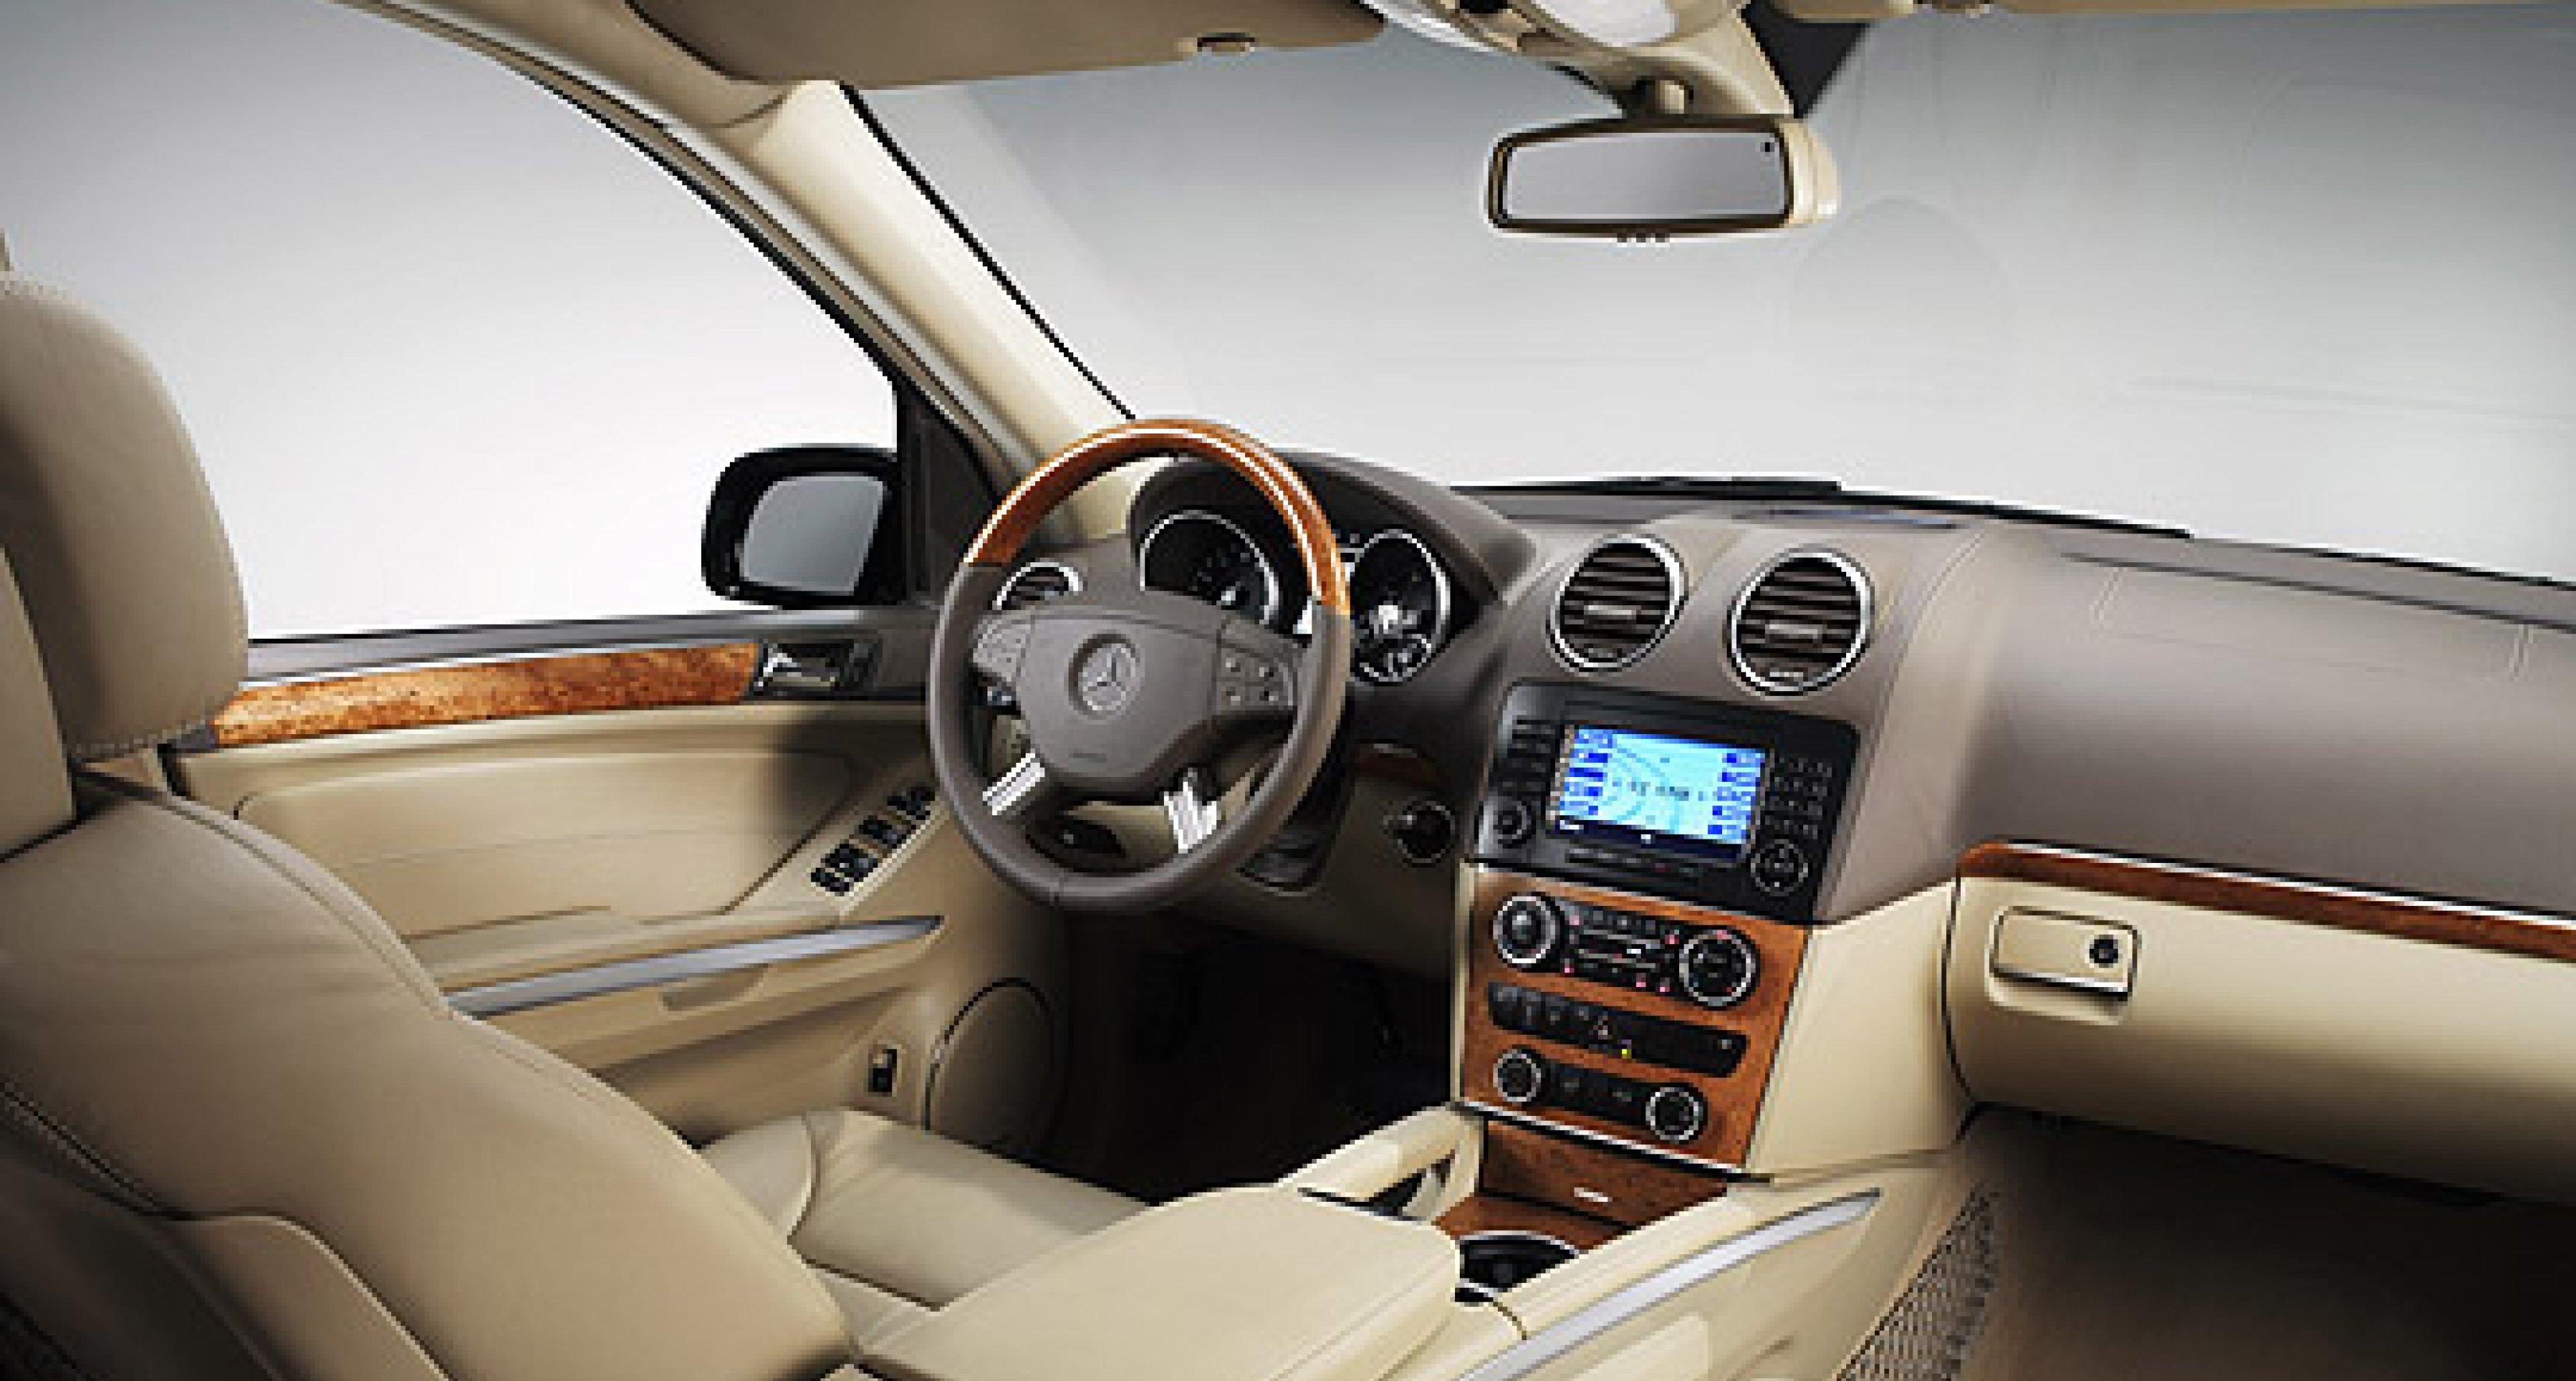 Mercedes-Benz GL Class for 2006